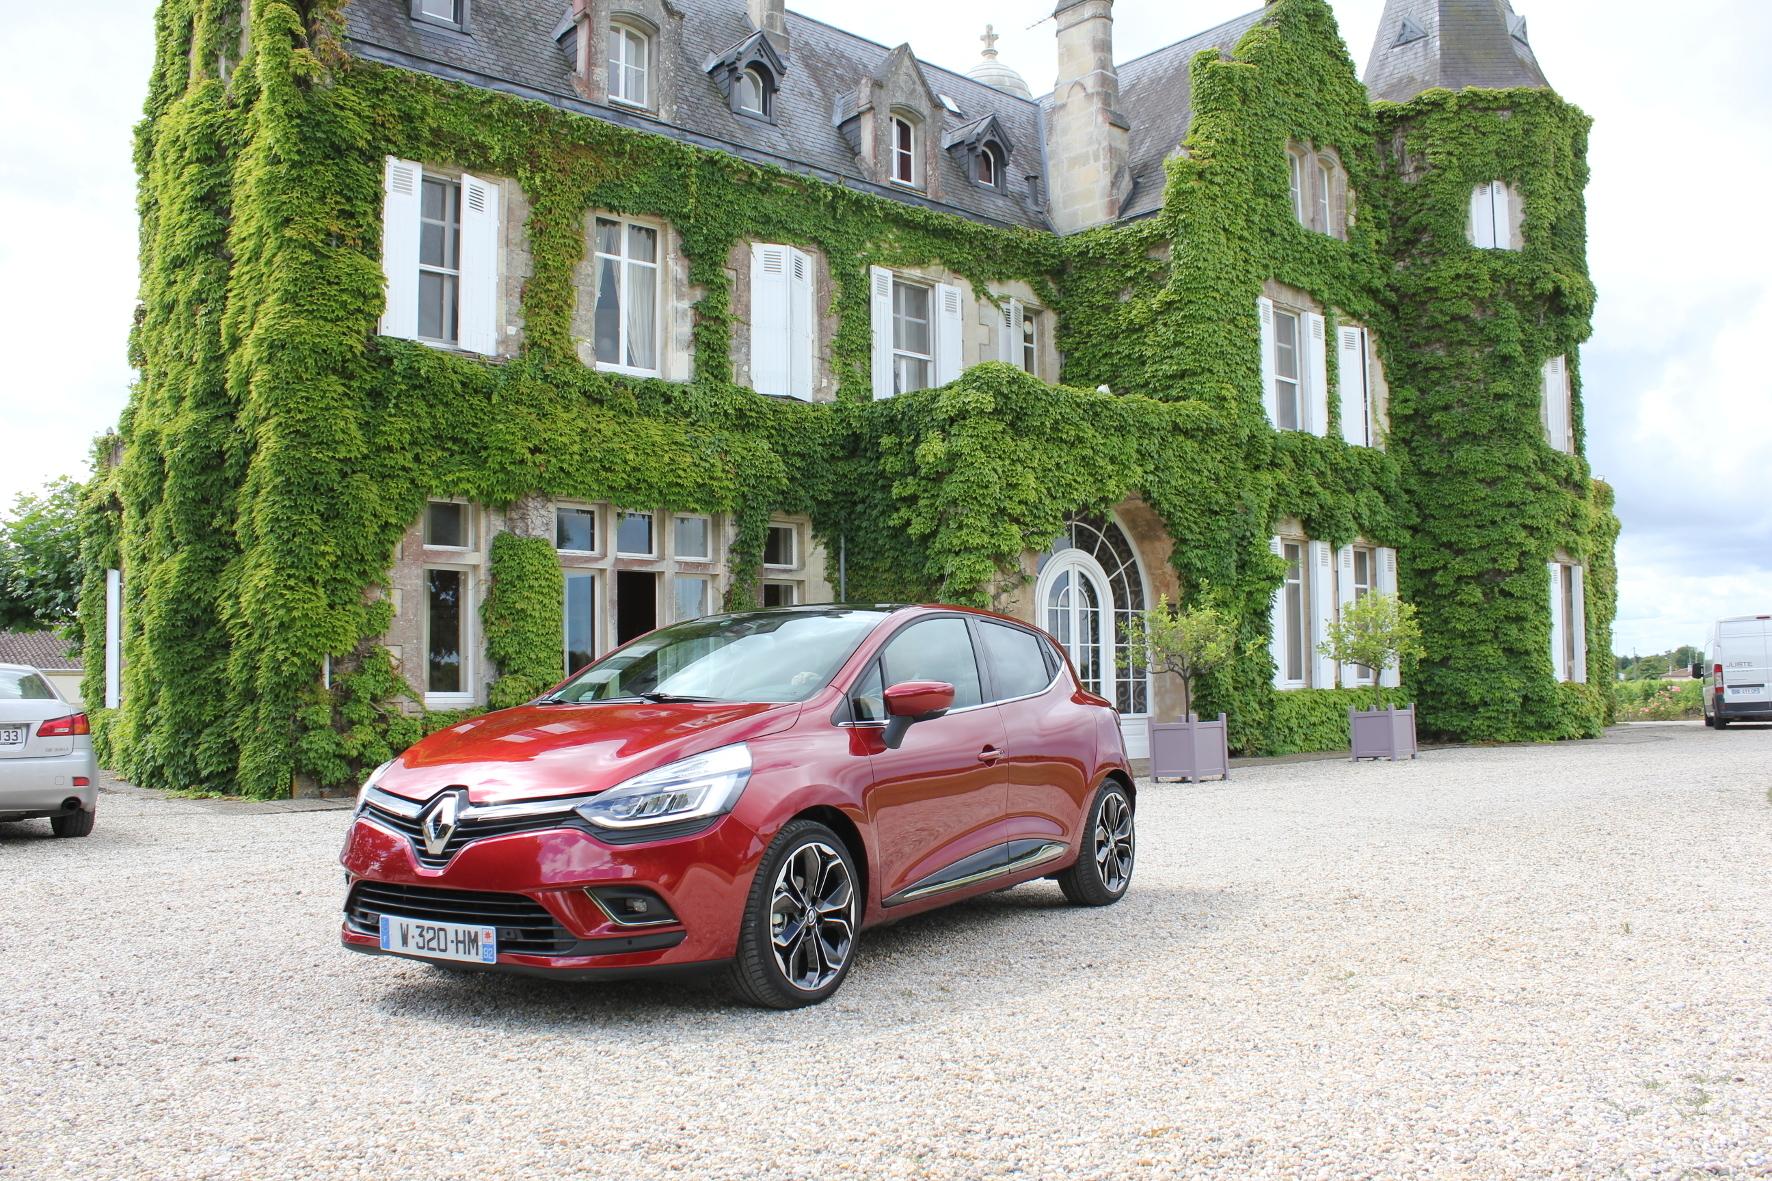 mid Bordeaux - Très chic: Renault hat beim Clio-Facelift das Skalpell nur sehr behutsam geschwungen.